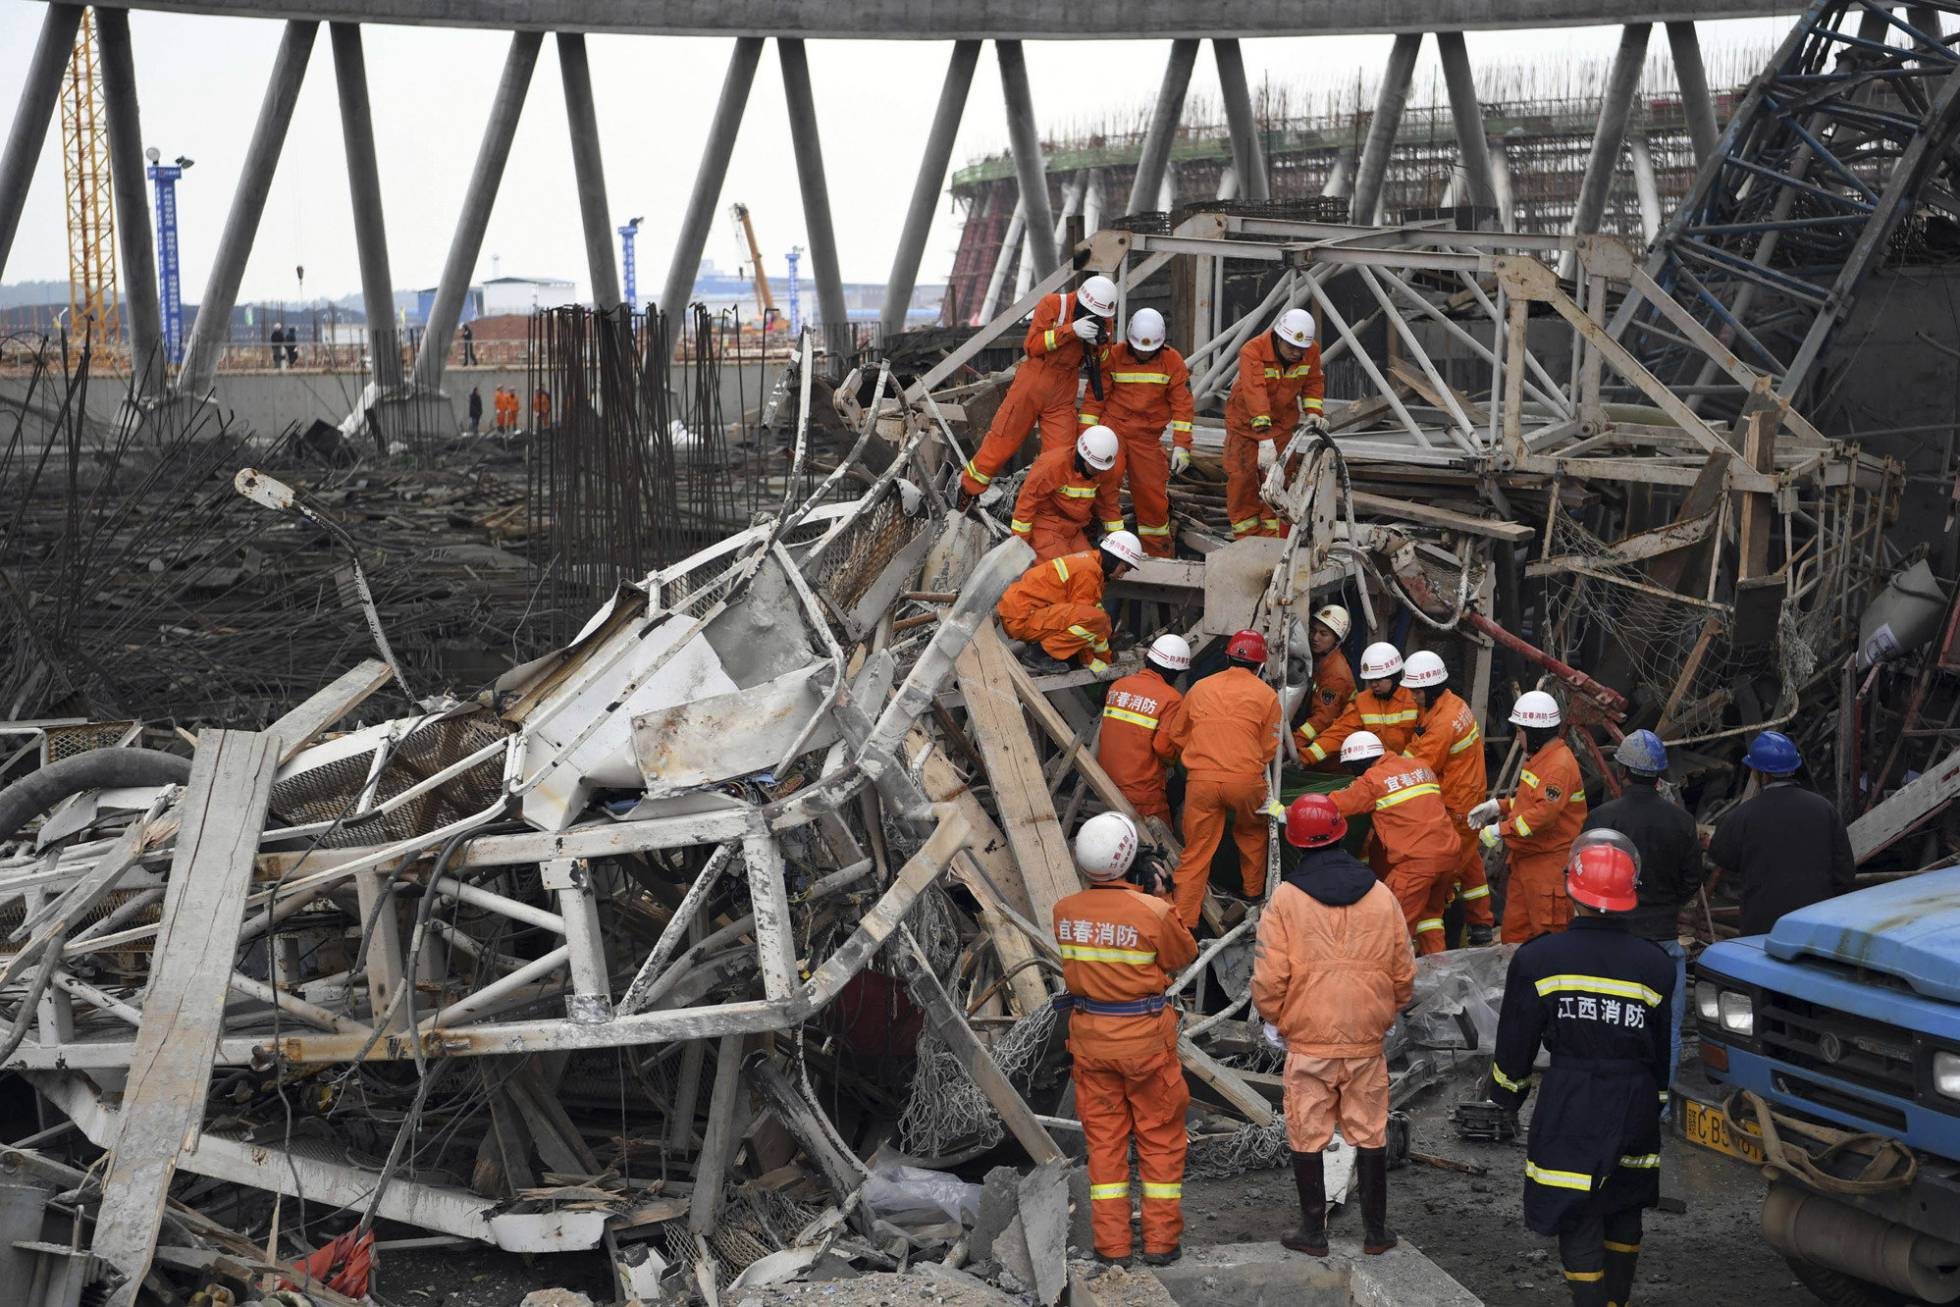 Imagen de la agencia Xinhua tras el desplome de un andamio.  A